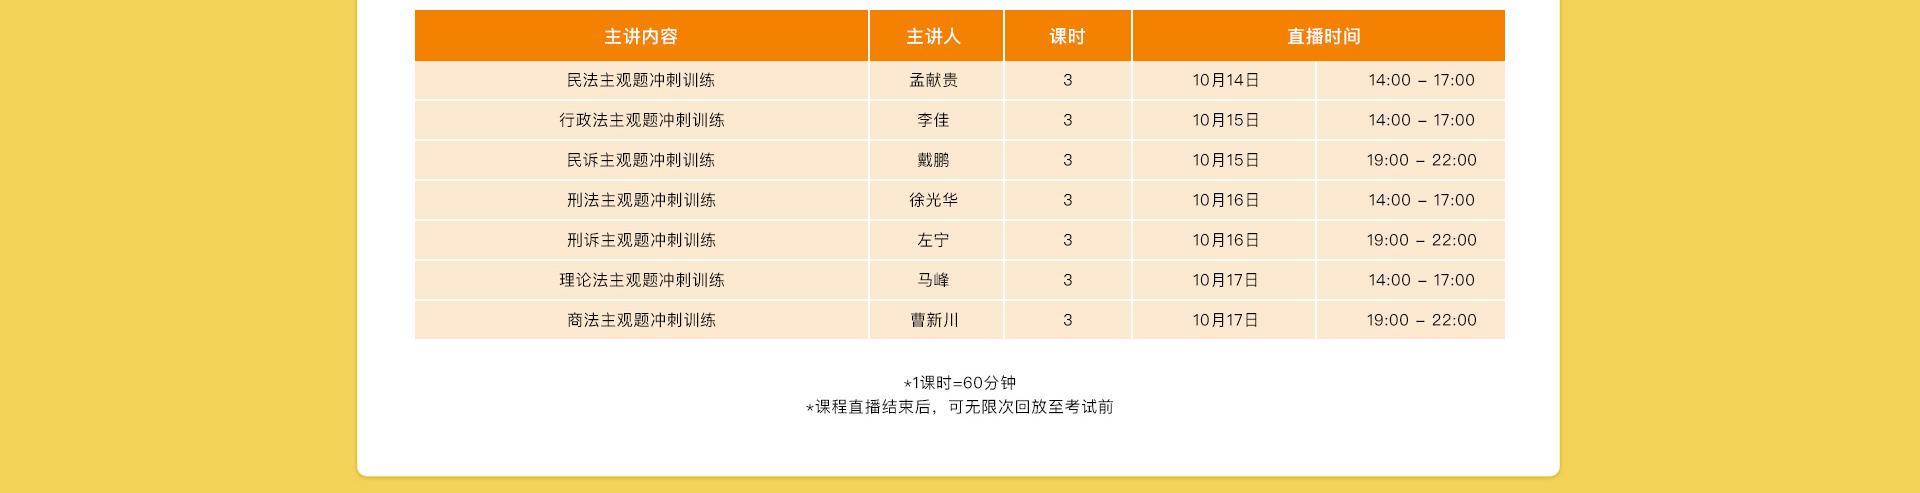 PCxiangqing_06.jpg